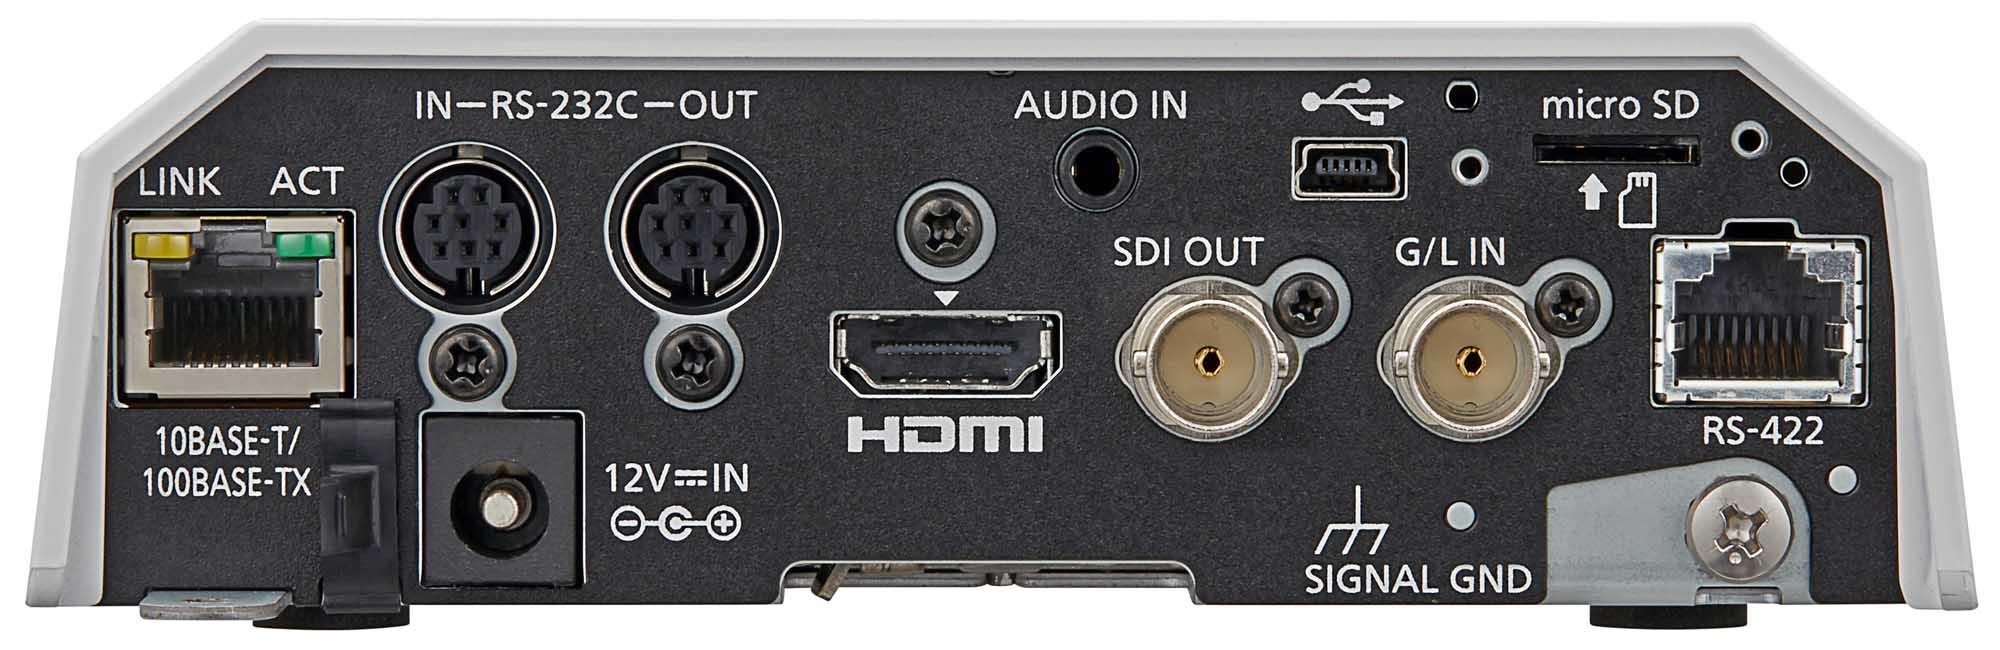 دوربین تصویر برداری PTZ با کیفیت 4K محصول کمپانی Panasonic ( پاناسونیک ) مدل AW-UE70